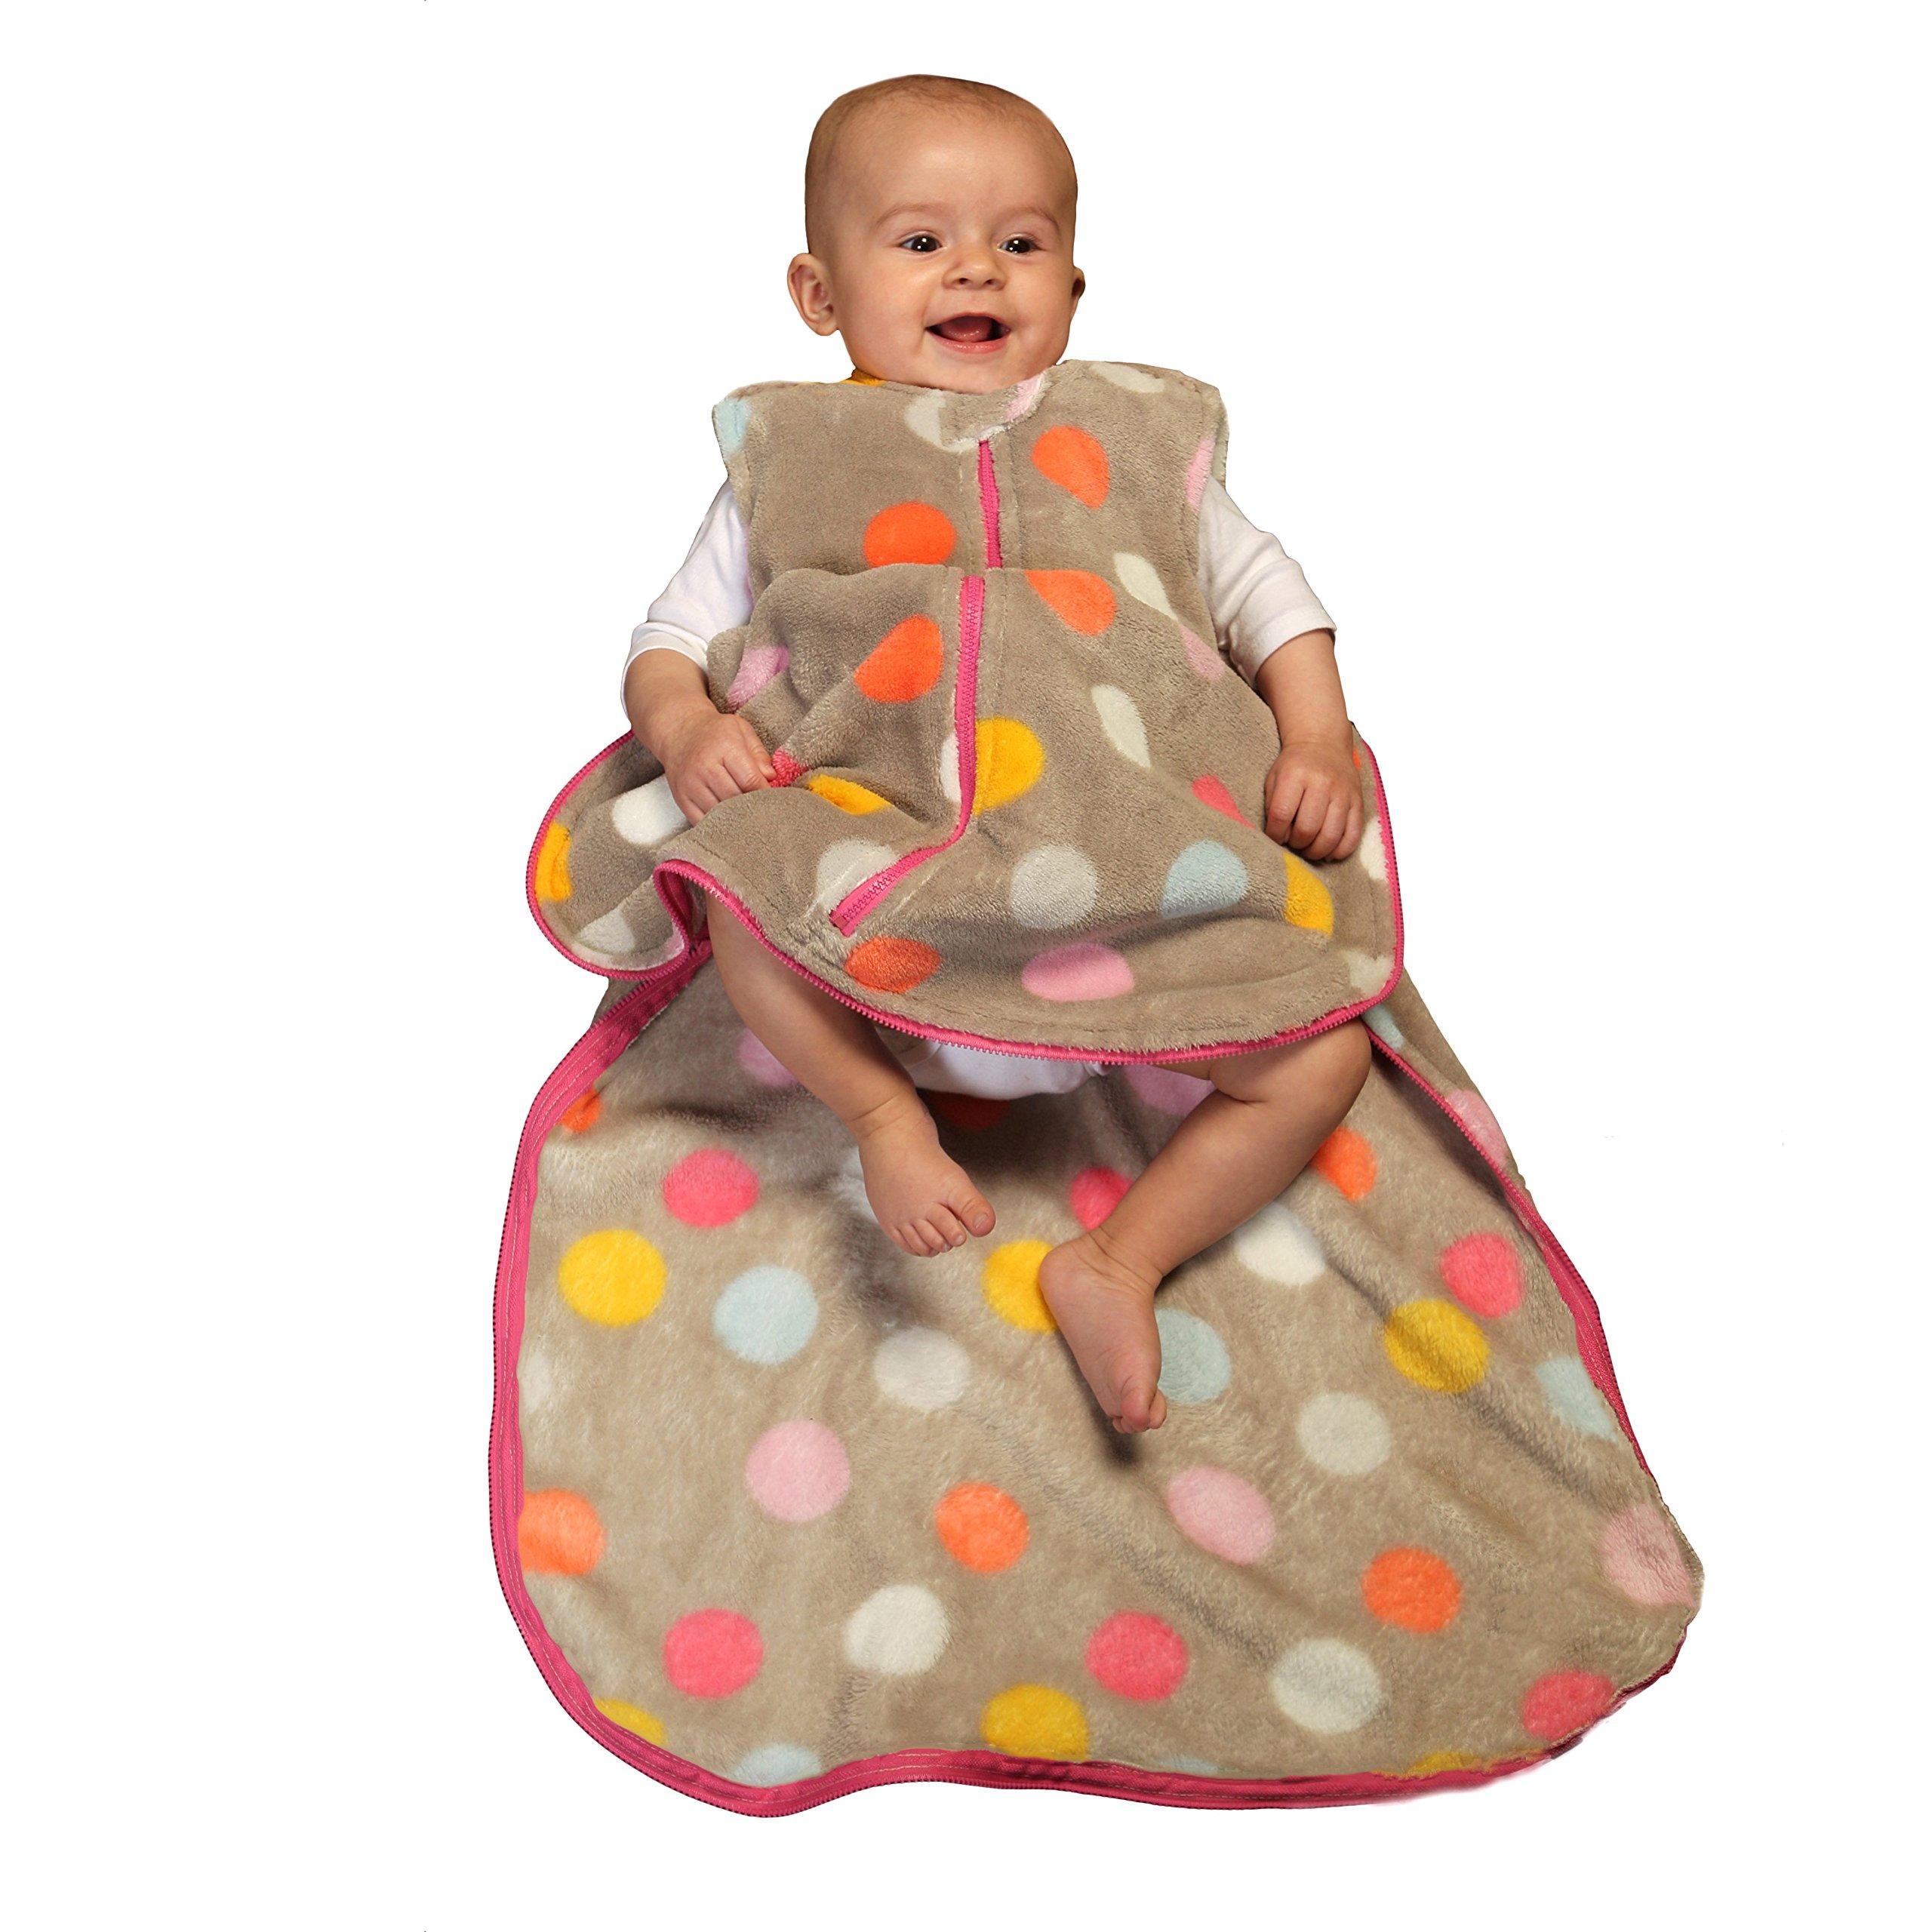 Gunapod Sleep Sack Girl Fleece Wearable Blanket Baby Sleeping Bag 9-18 months, Grey/Multi Dots